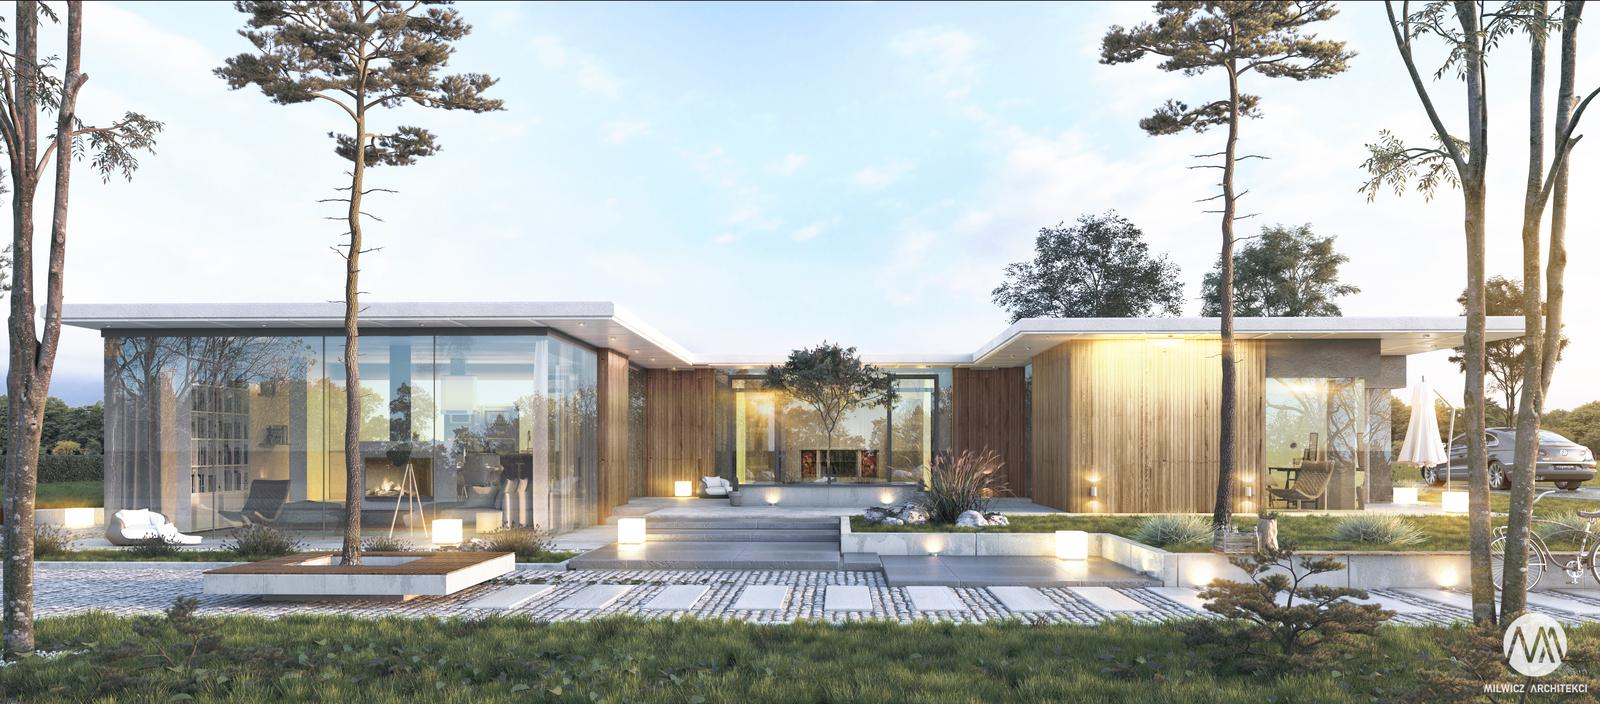 projekt Konin, projekty indywidualne, płaski dach, duże przeszklenie, modernizm, minimalizm, dom z patio